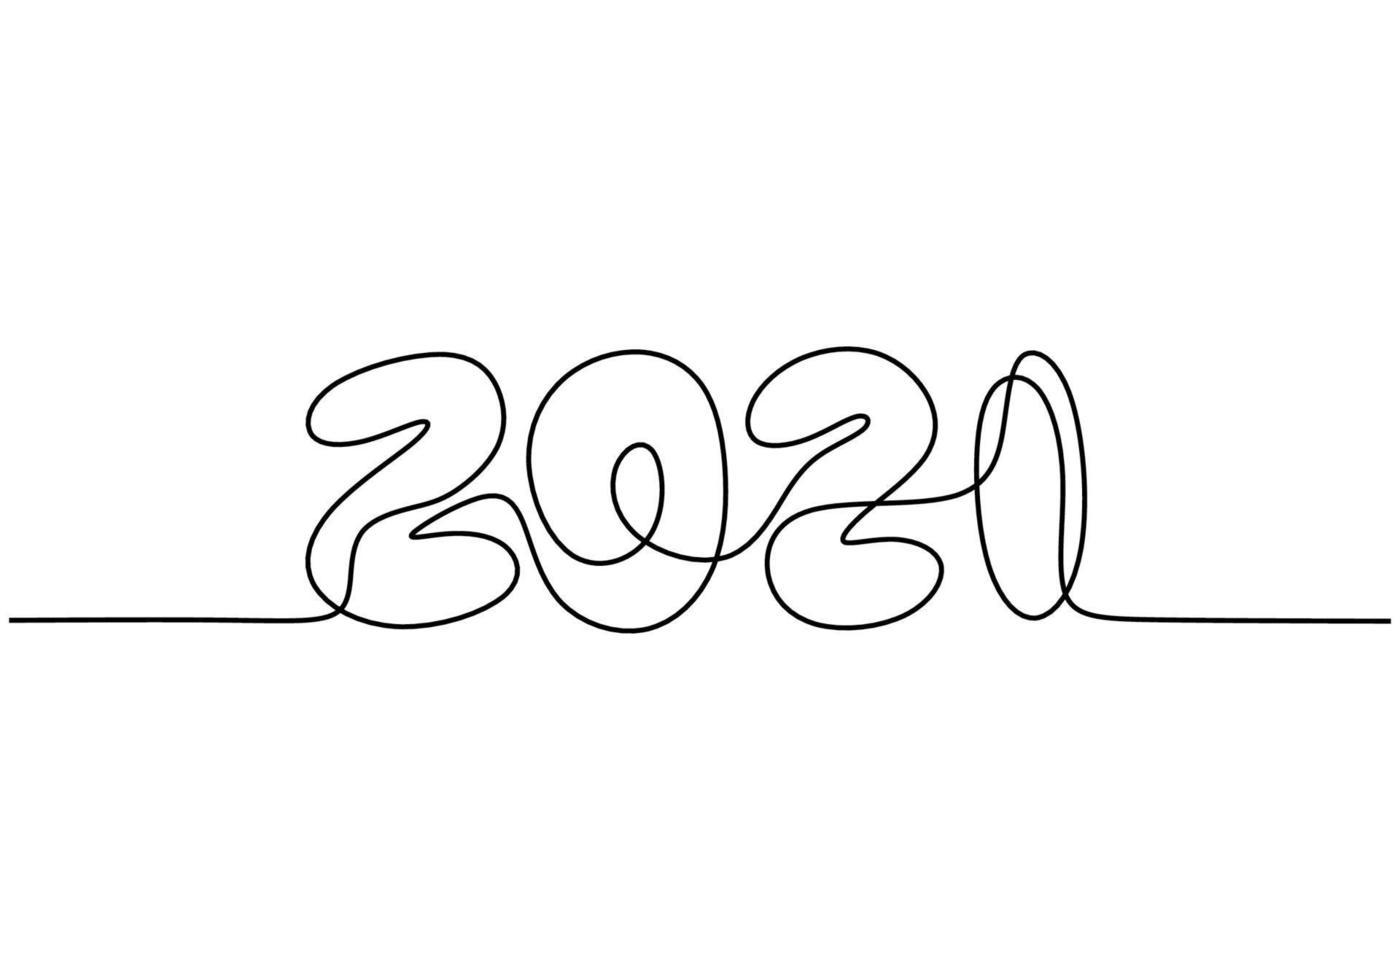 Conception de nouvel an 2021 en ligne continue art dessin style minimaliste croquis linéaire noir isolé sur fond blanc. année du taureau. bonne année concept. illustration de conception de vecteur